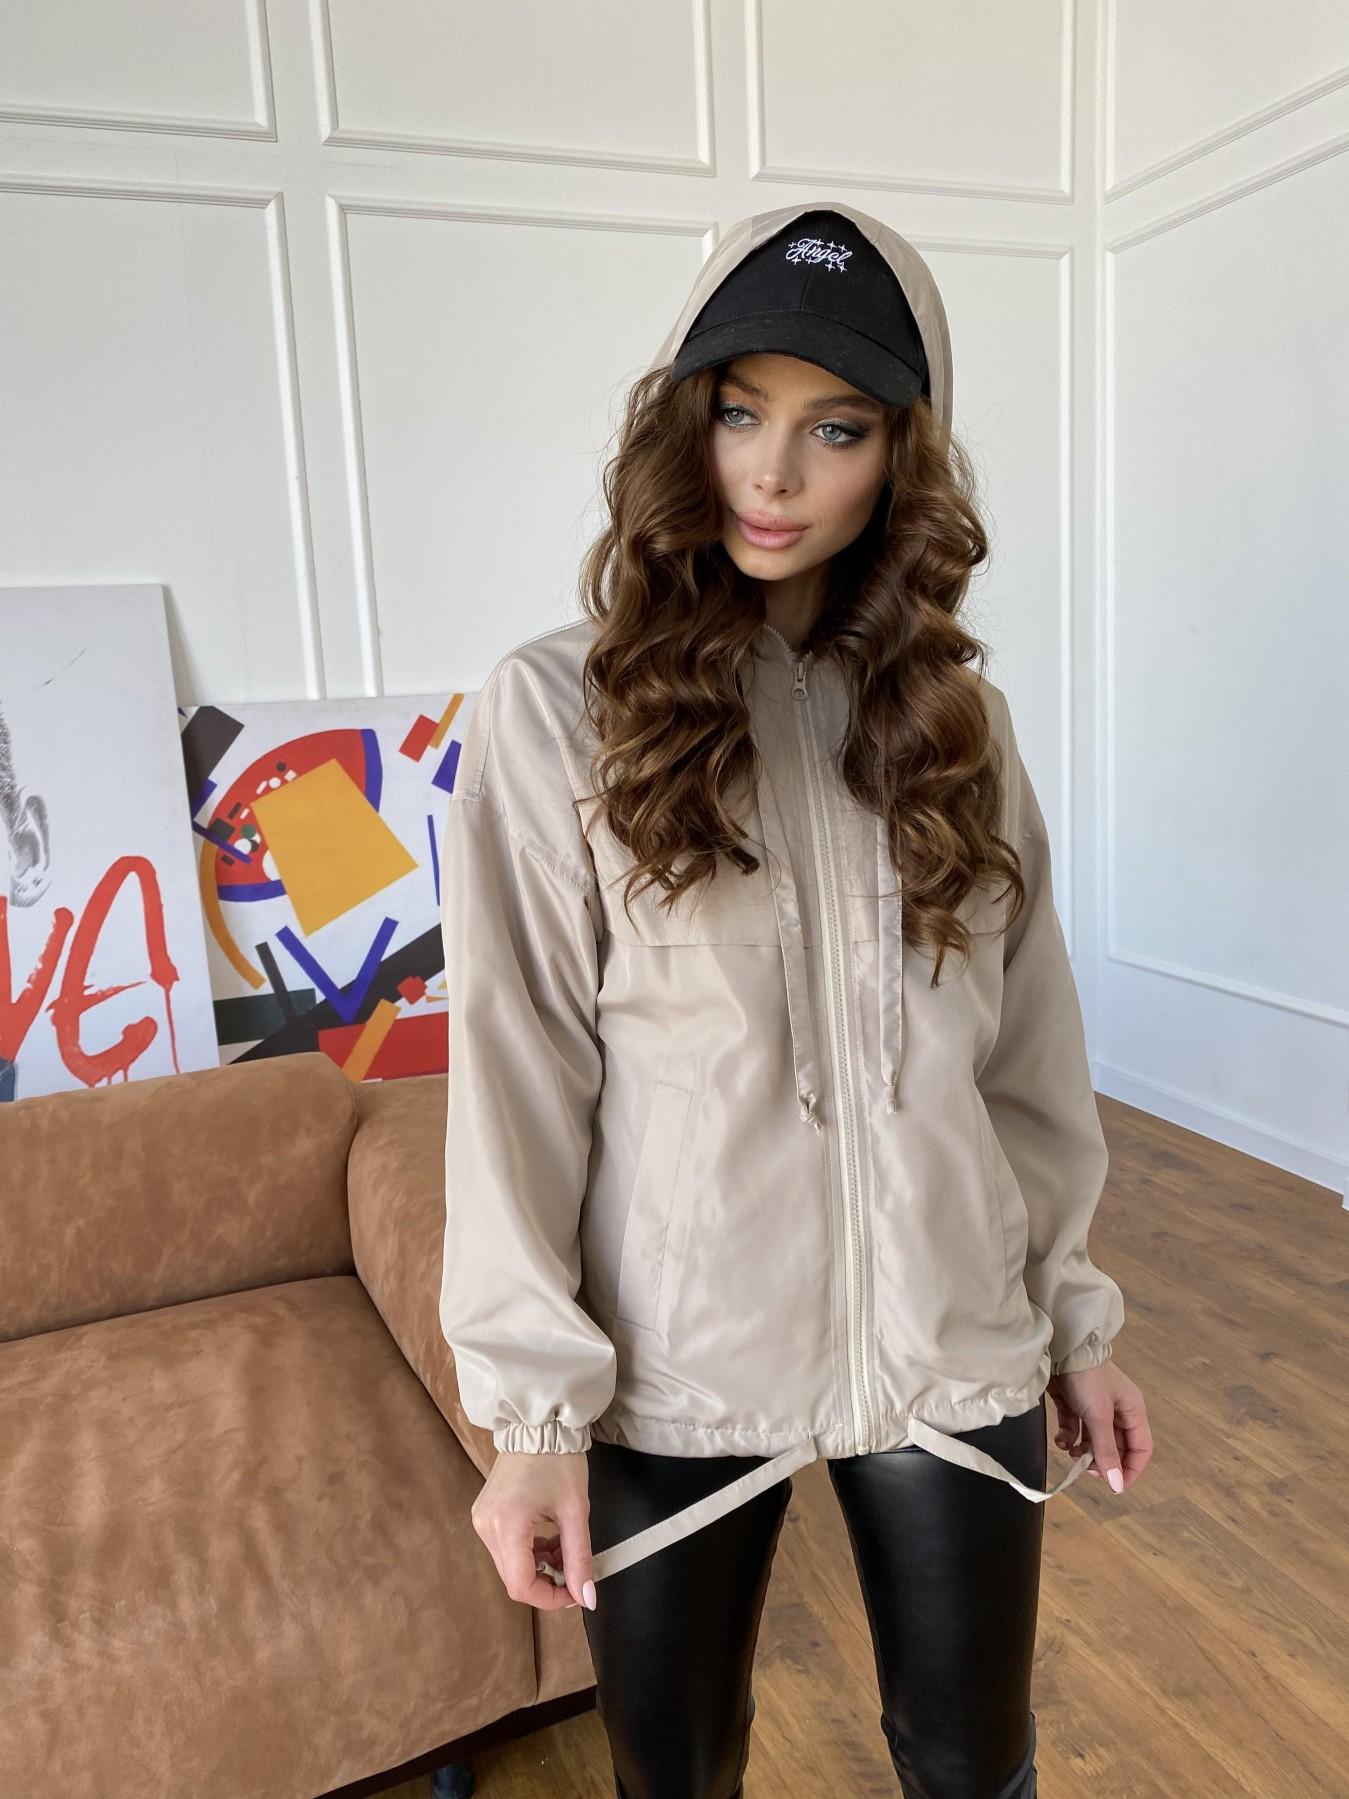 Фит куртка из плащевки Ammy 10971 АРТ. 47466 Цвет: Бежевый - фото 15, интернет магазин tm-modus.ru